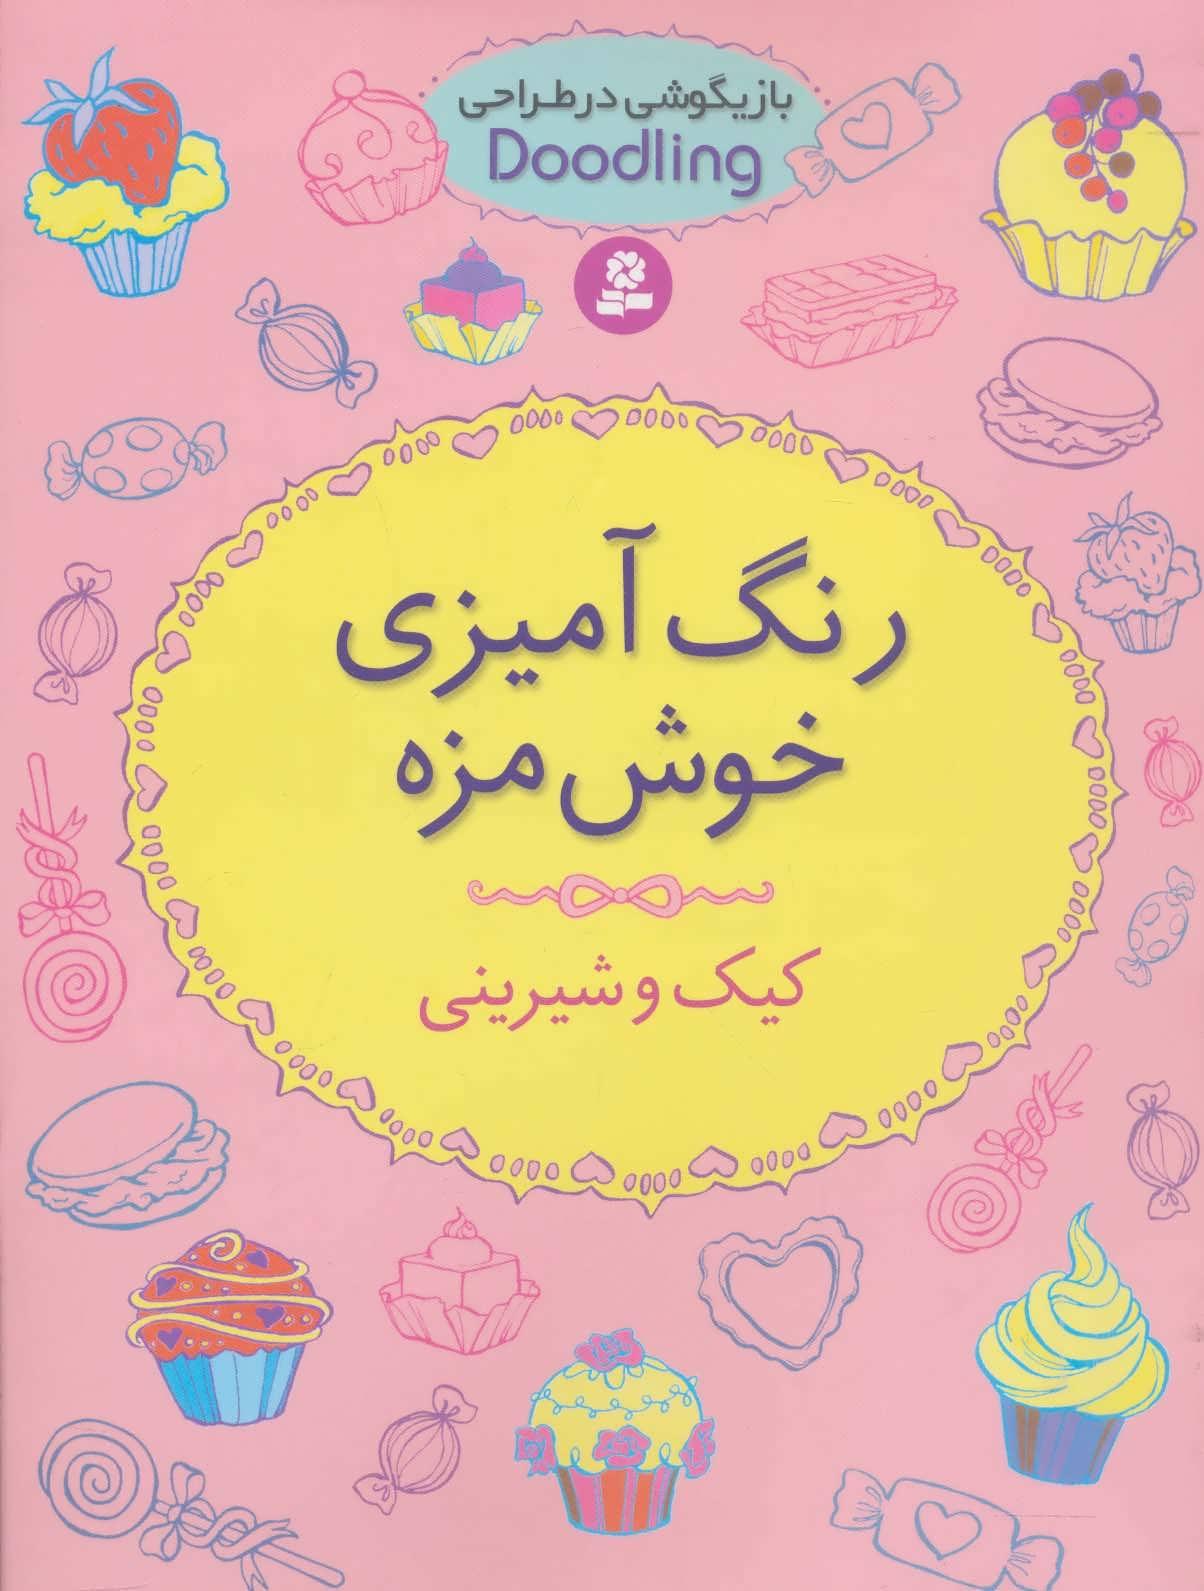 کتاب رنگ آمیزی خوش مزه، کیک و شیرینی